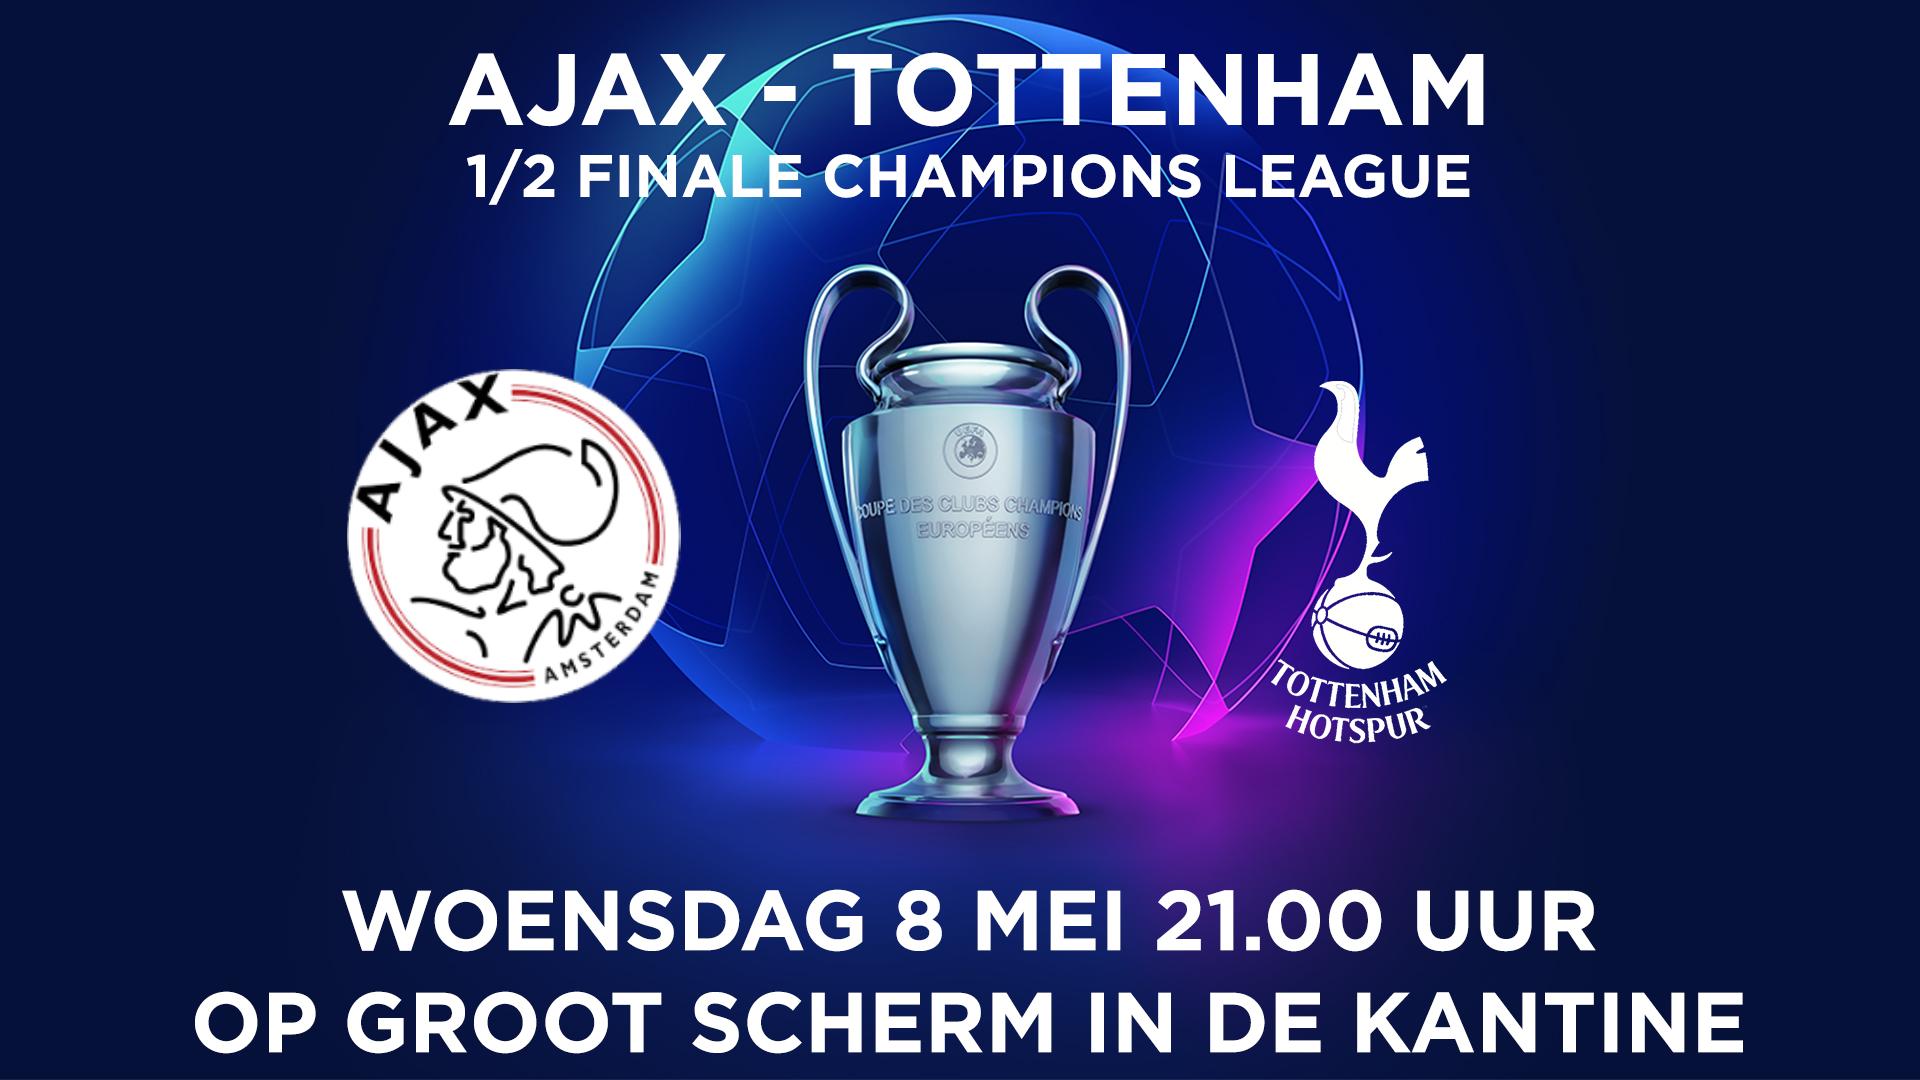 Ajax - Spurs woensdag 8 mei op groot scherm in de kantine